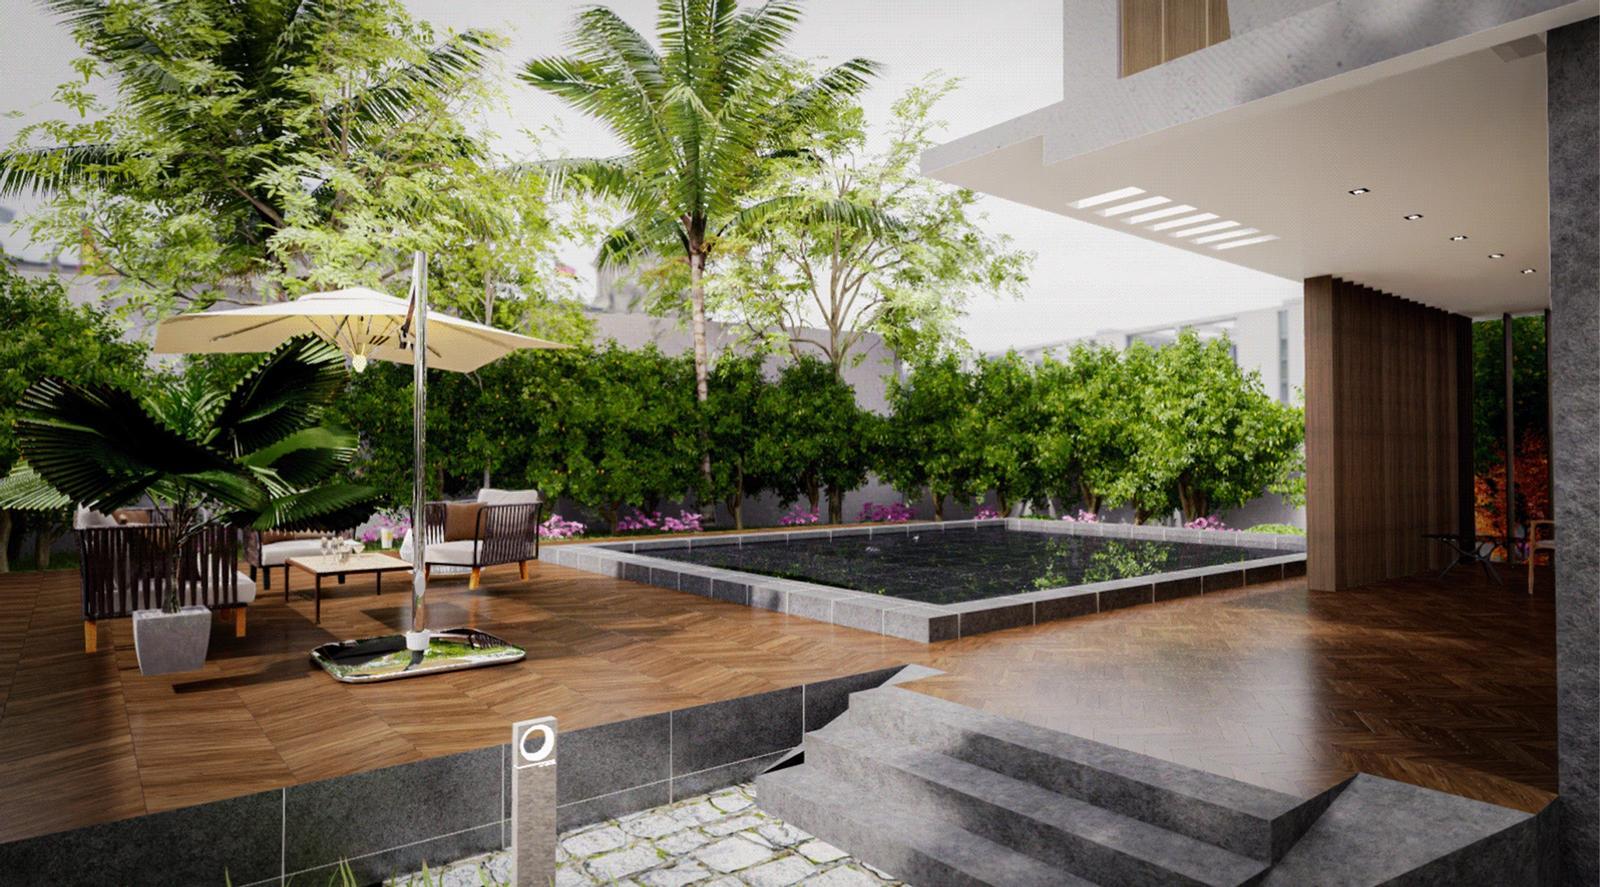 Modern Villa - Backyard Exterior Modeling landscape and Visualization ( SketchUp + D5 Render )